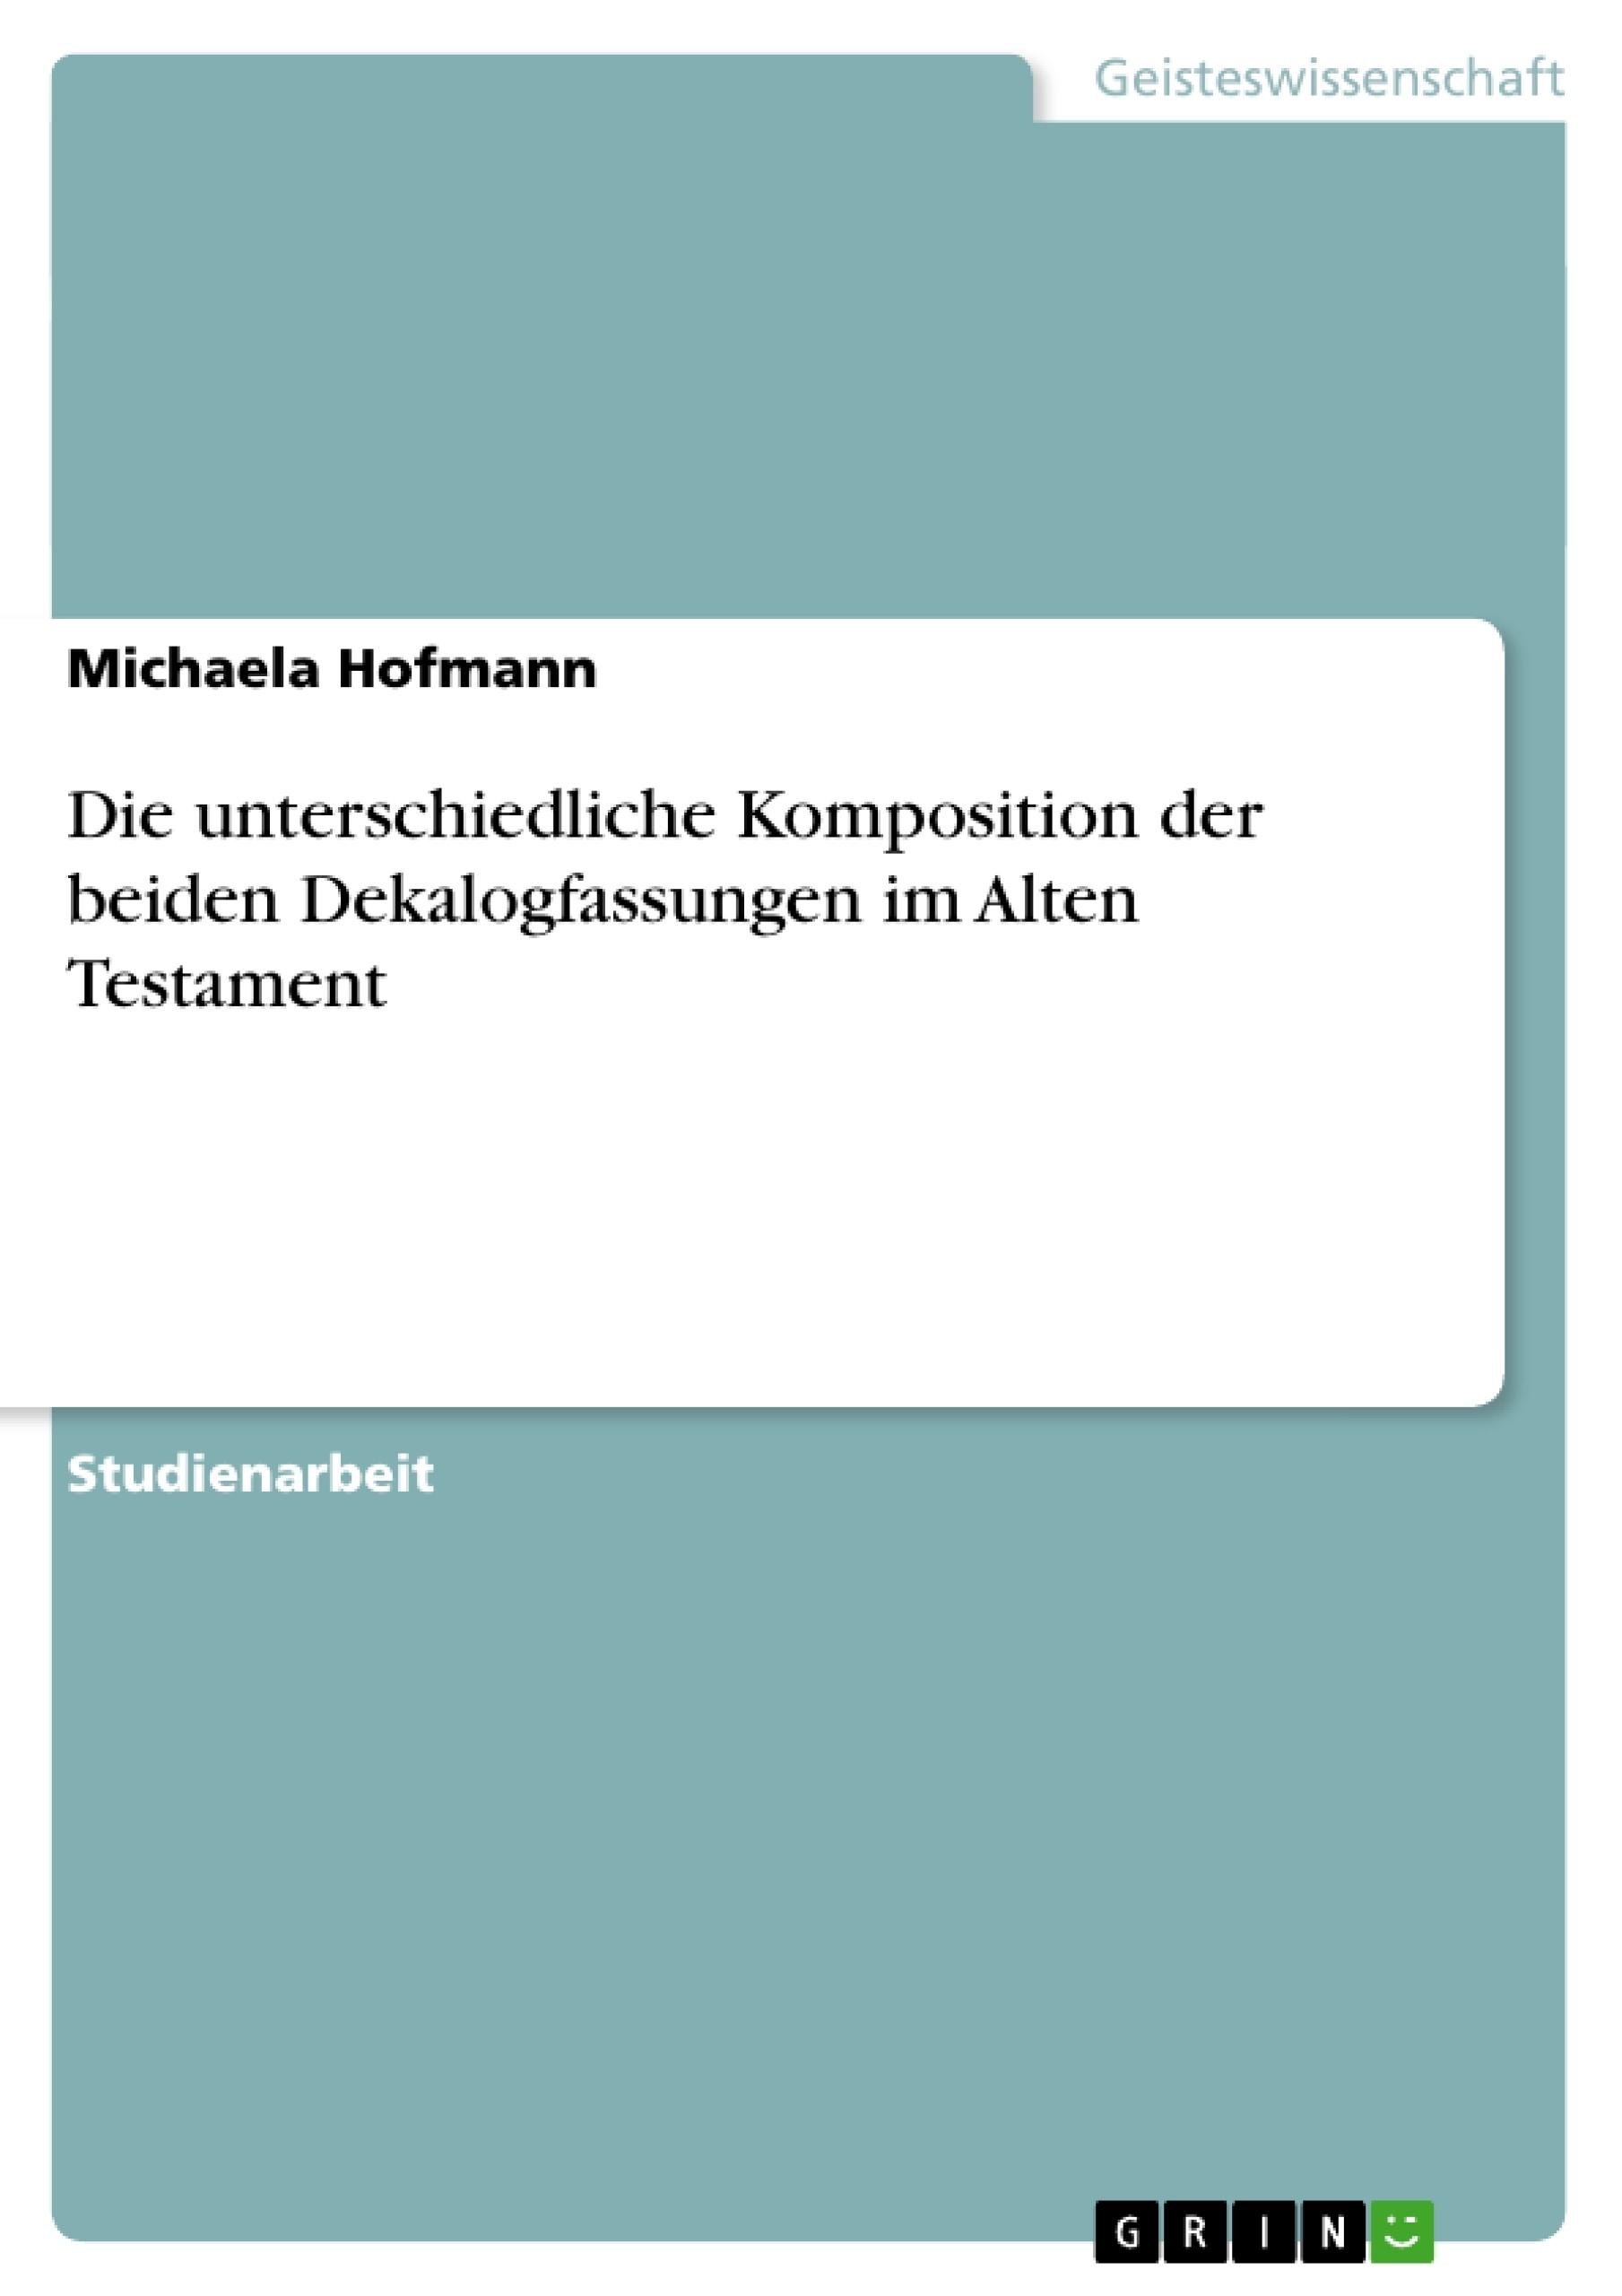 Titel: Die unterschiedliche Komposition der beiden Dekalogfassungen im Alten Testament